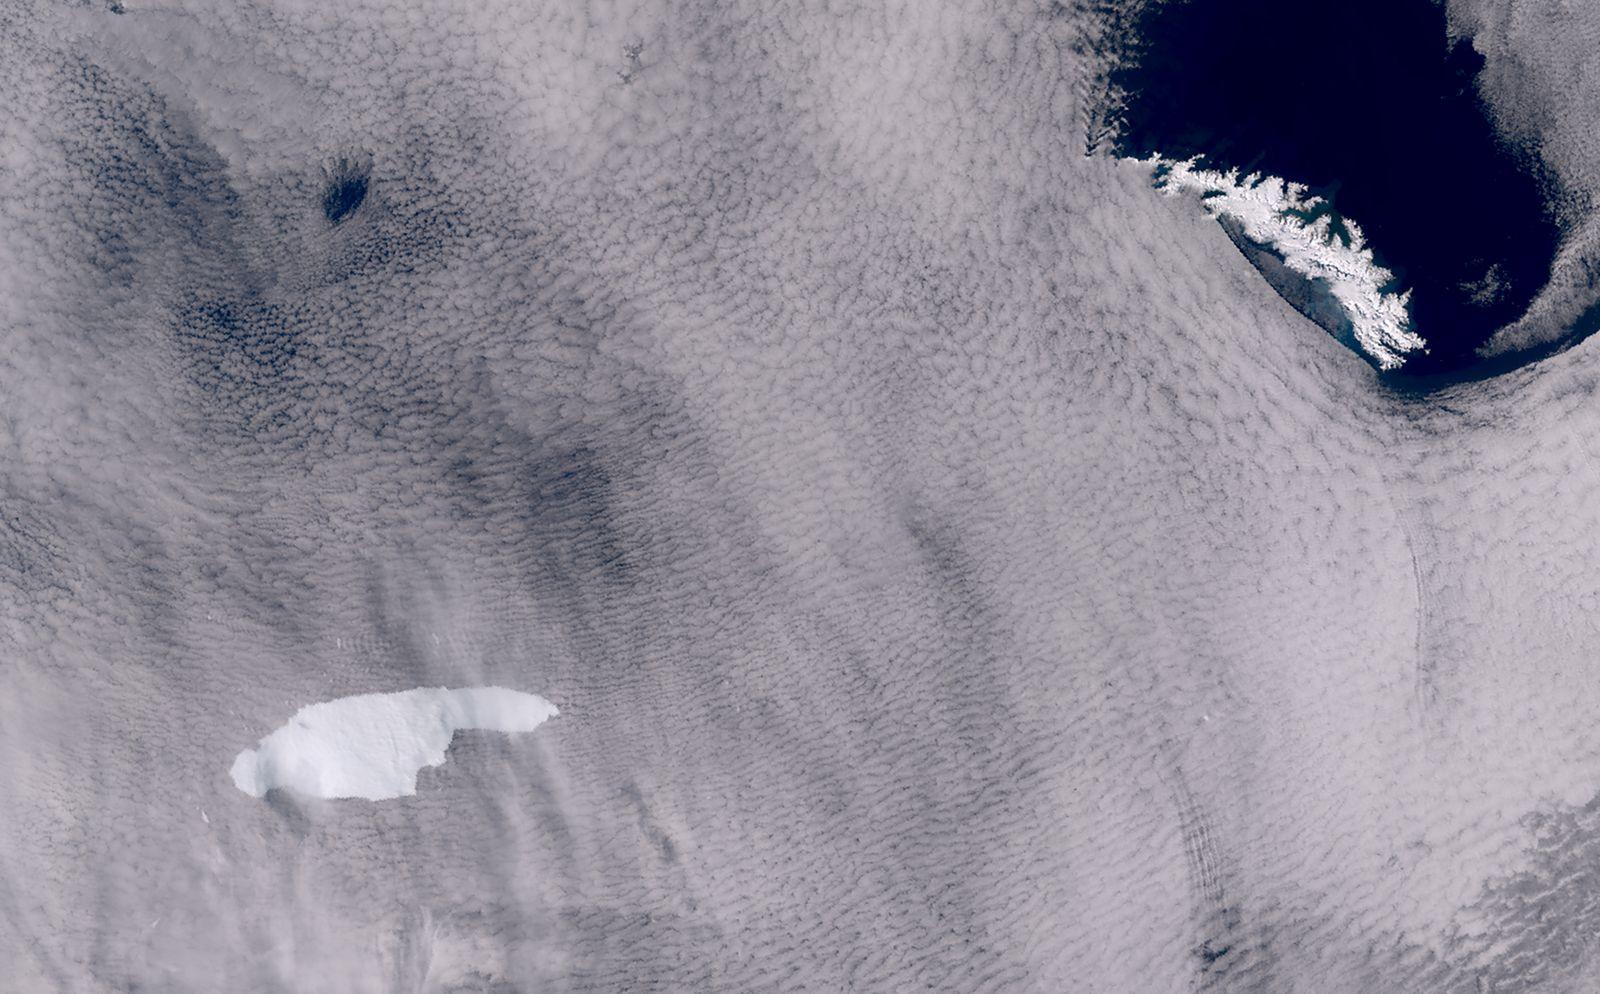 Eisberg A68 auf Kollisionskurs mit der antarktischen Insel Südgeorgien